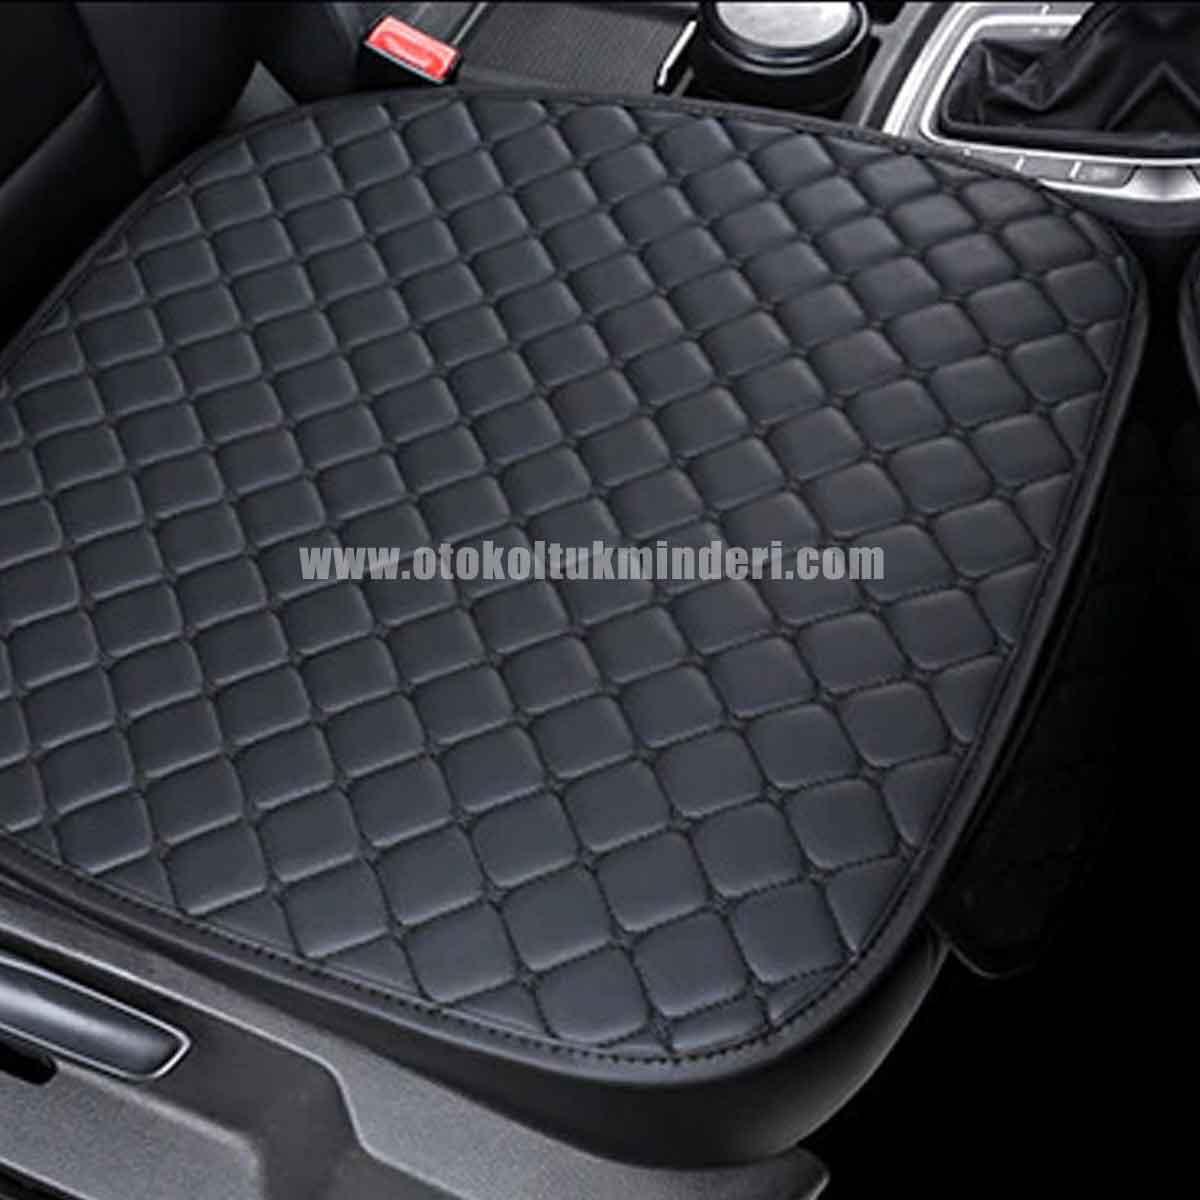 Nissan oto koltuk kılıfı - Nissan Koltuk minderi Siyah Deri Cepli